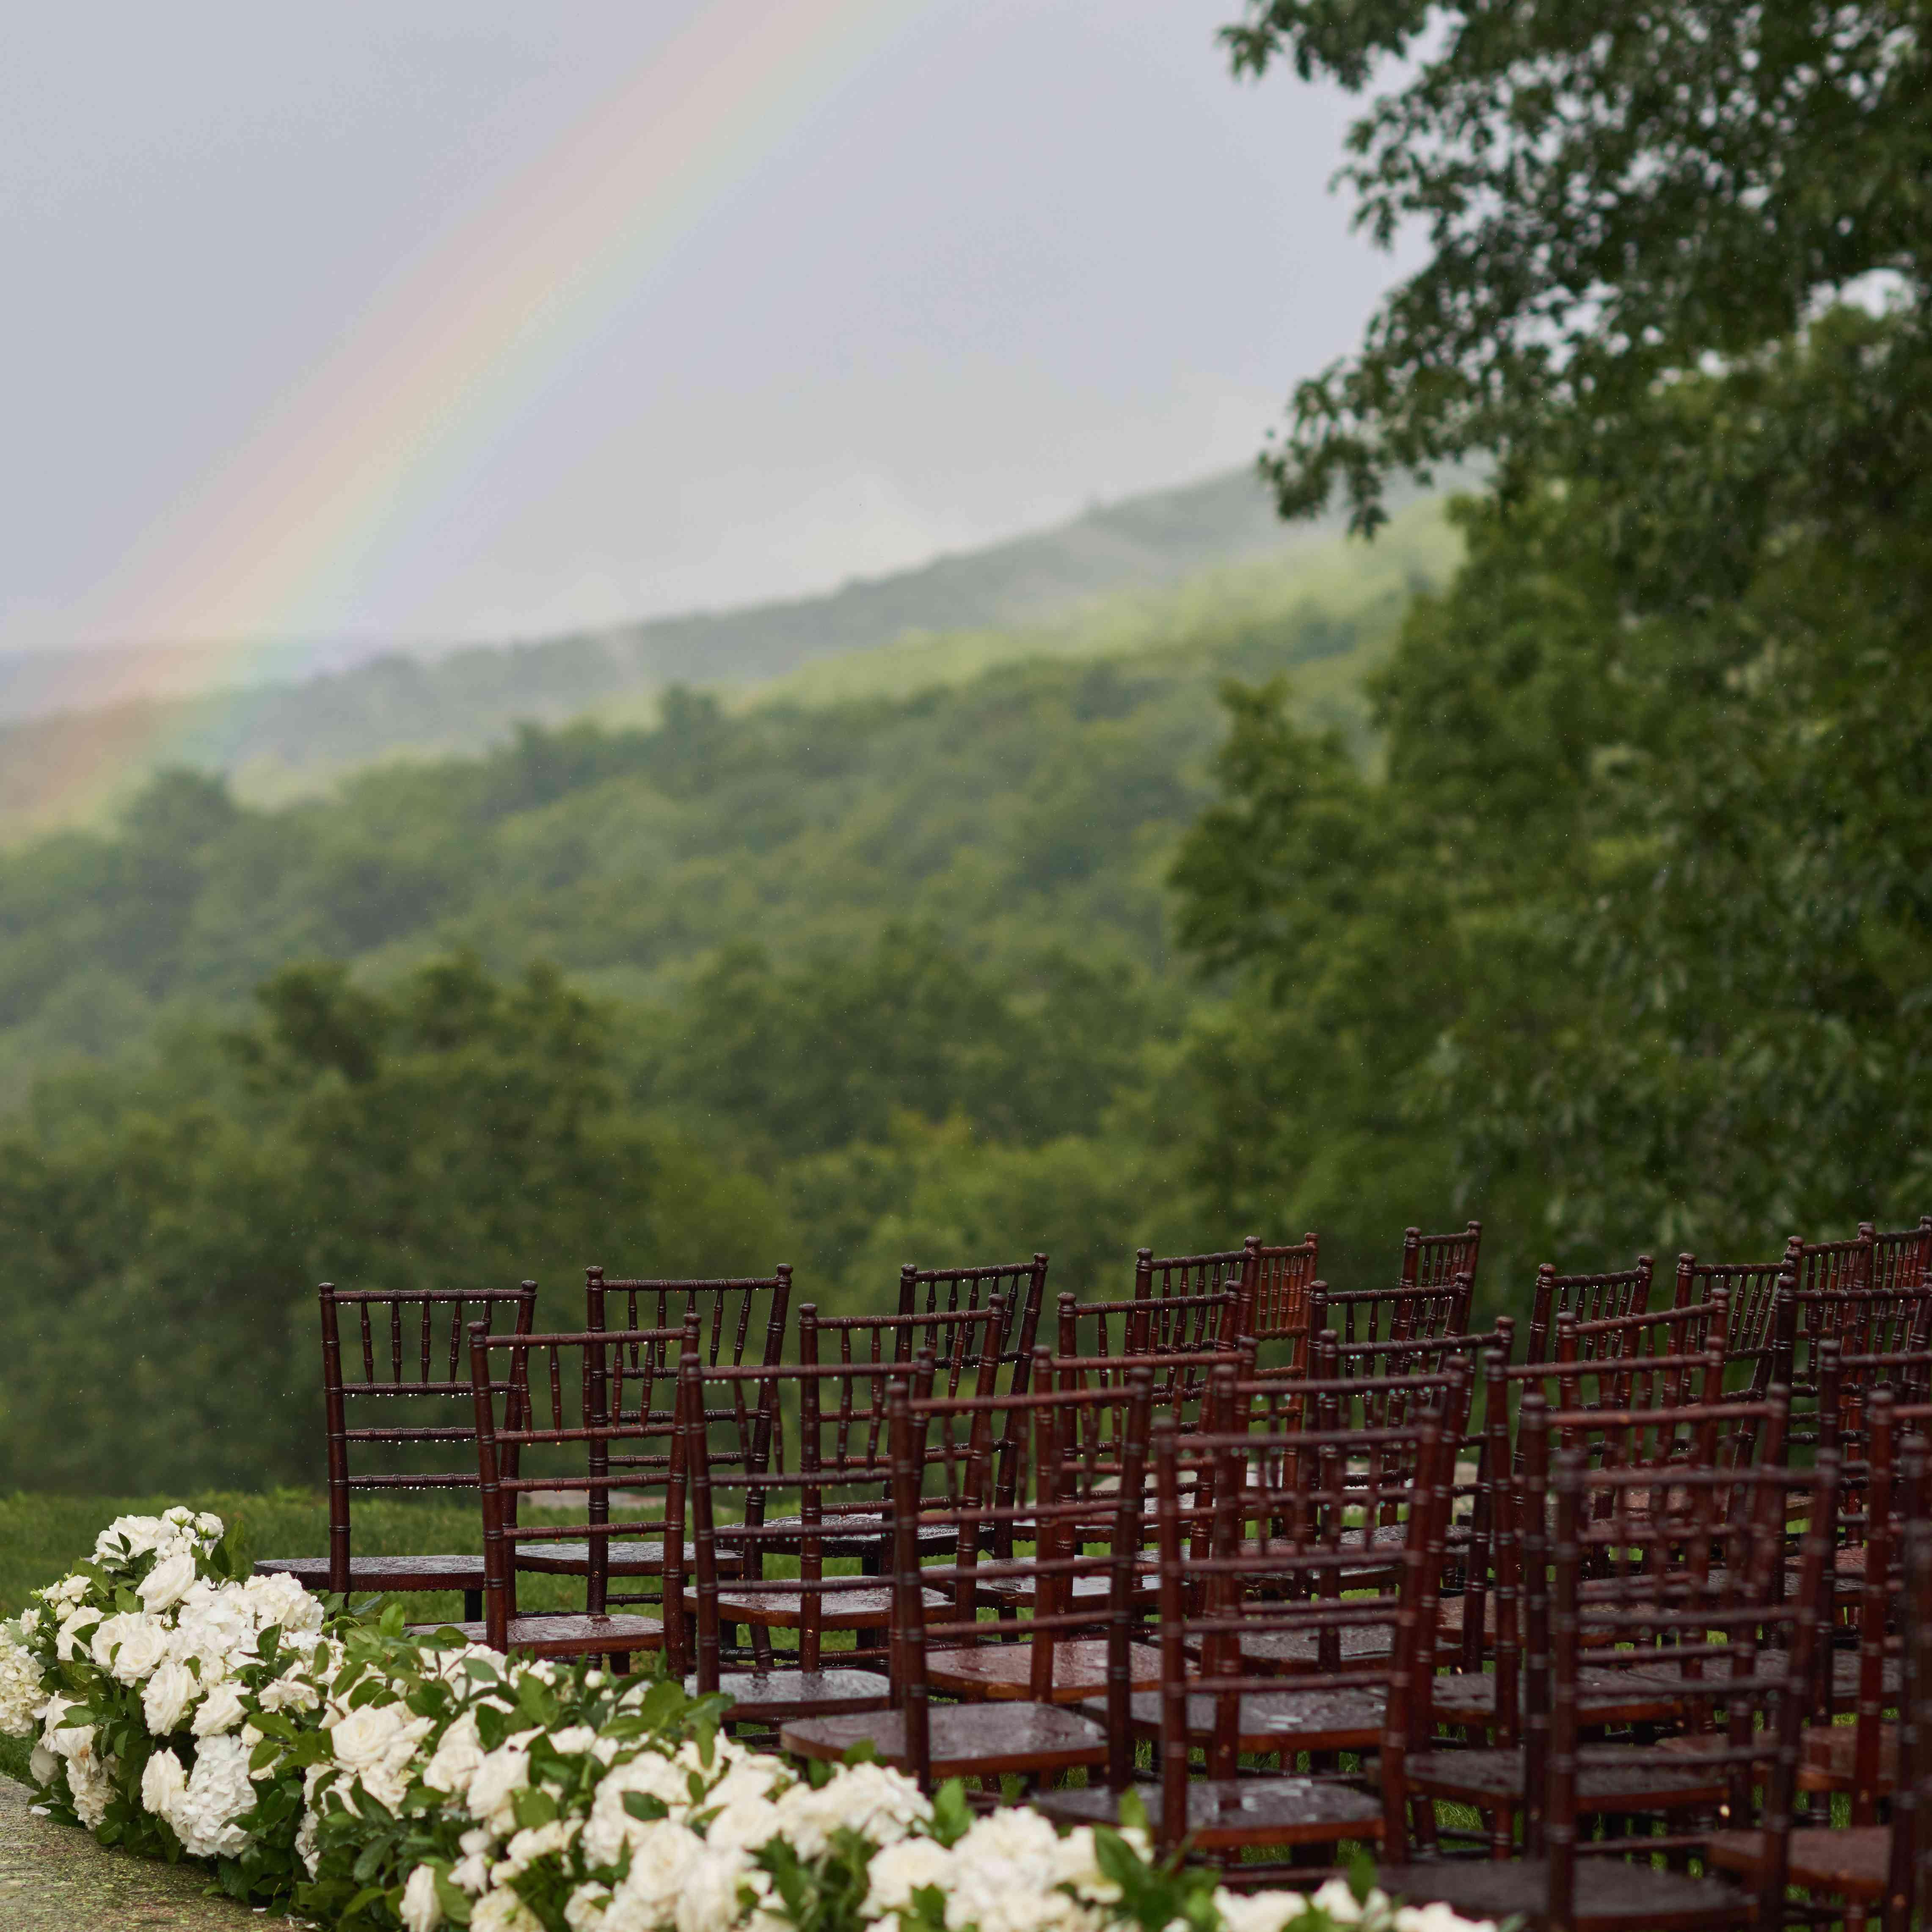 rainbow over ceremony